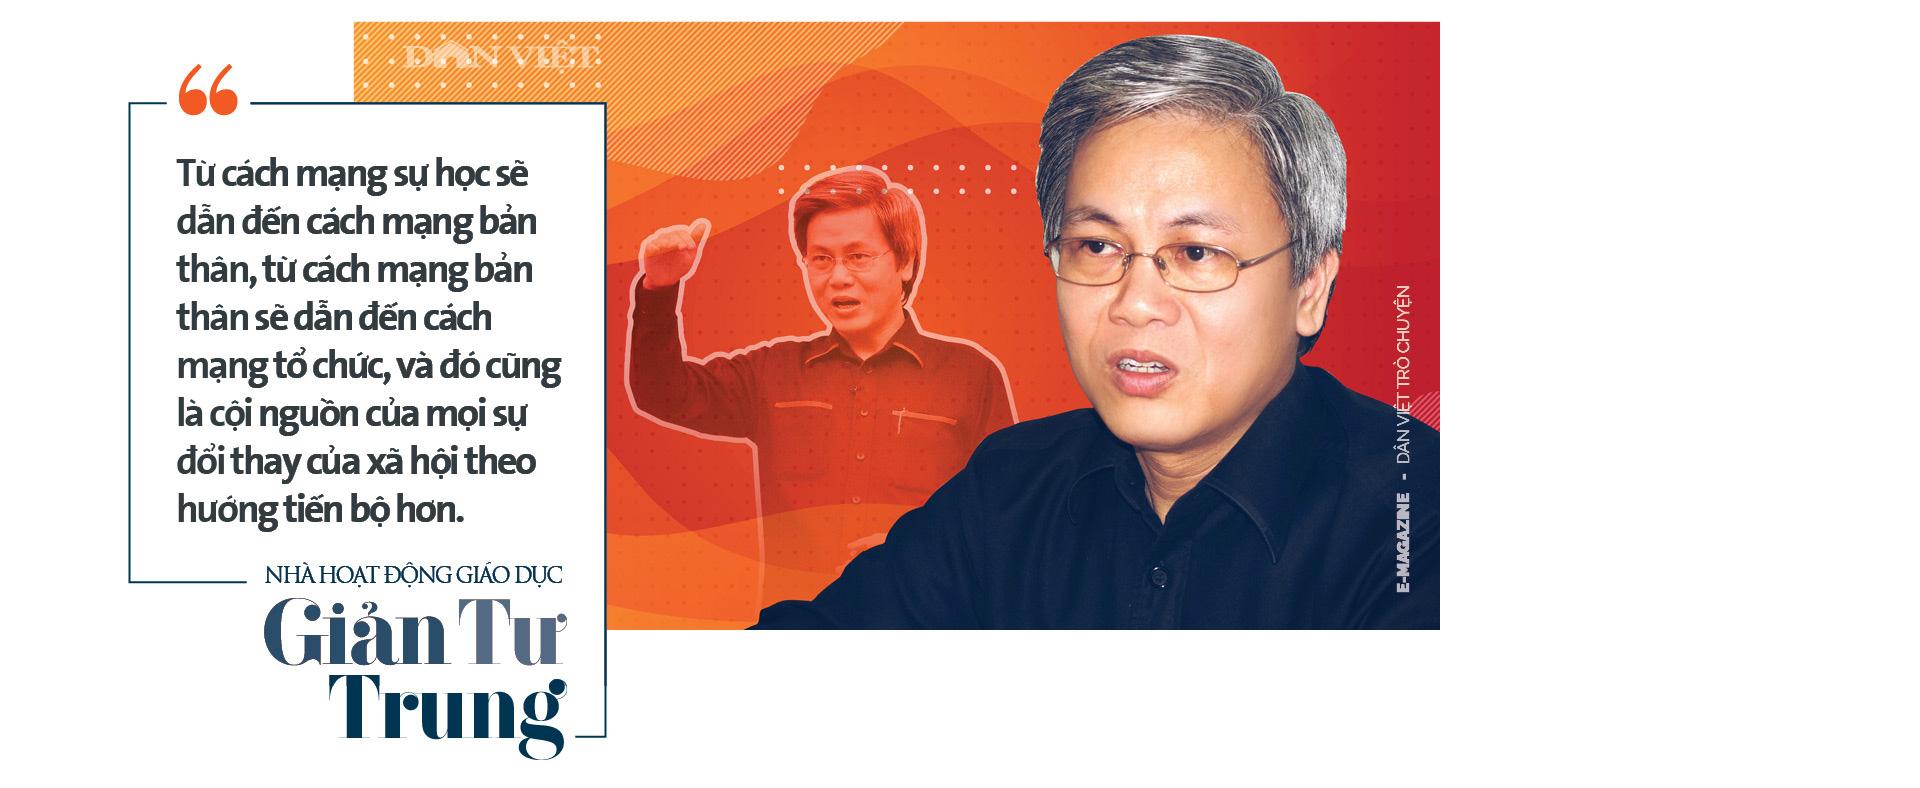 Nhà hoạt động giáo dục Giản Tư Trung: Người miệt mài thúc đẩy giáo dục khai phóng bằng cách mạng sự học - Ảnh 7.